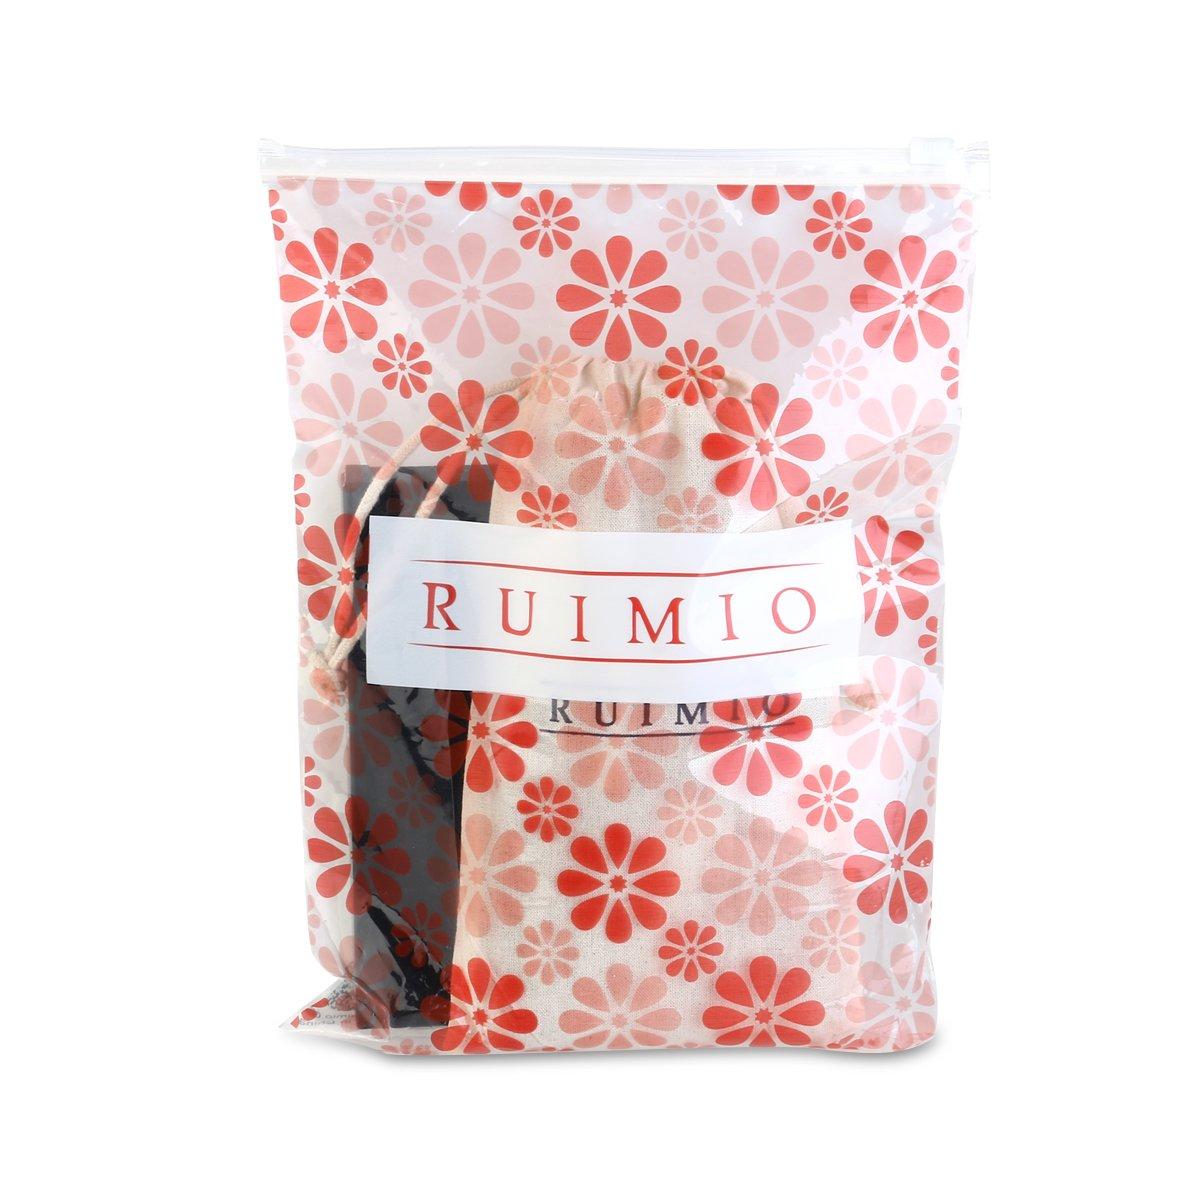 RUIMIO Contour Kit Cream Contour Palette 6 Colors with Makeup Brush Set by PIXNOR (Image #8)